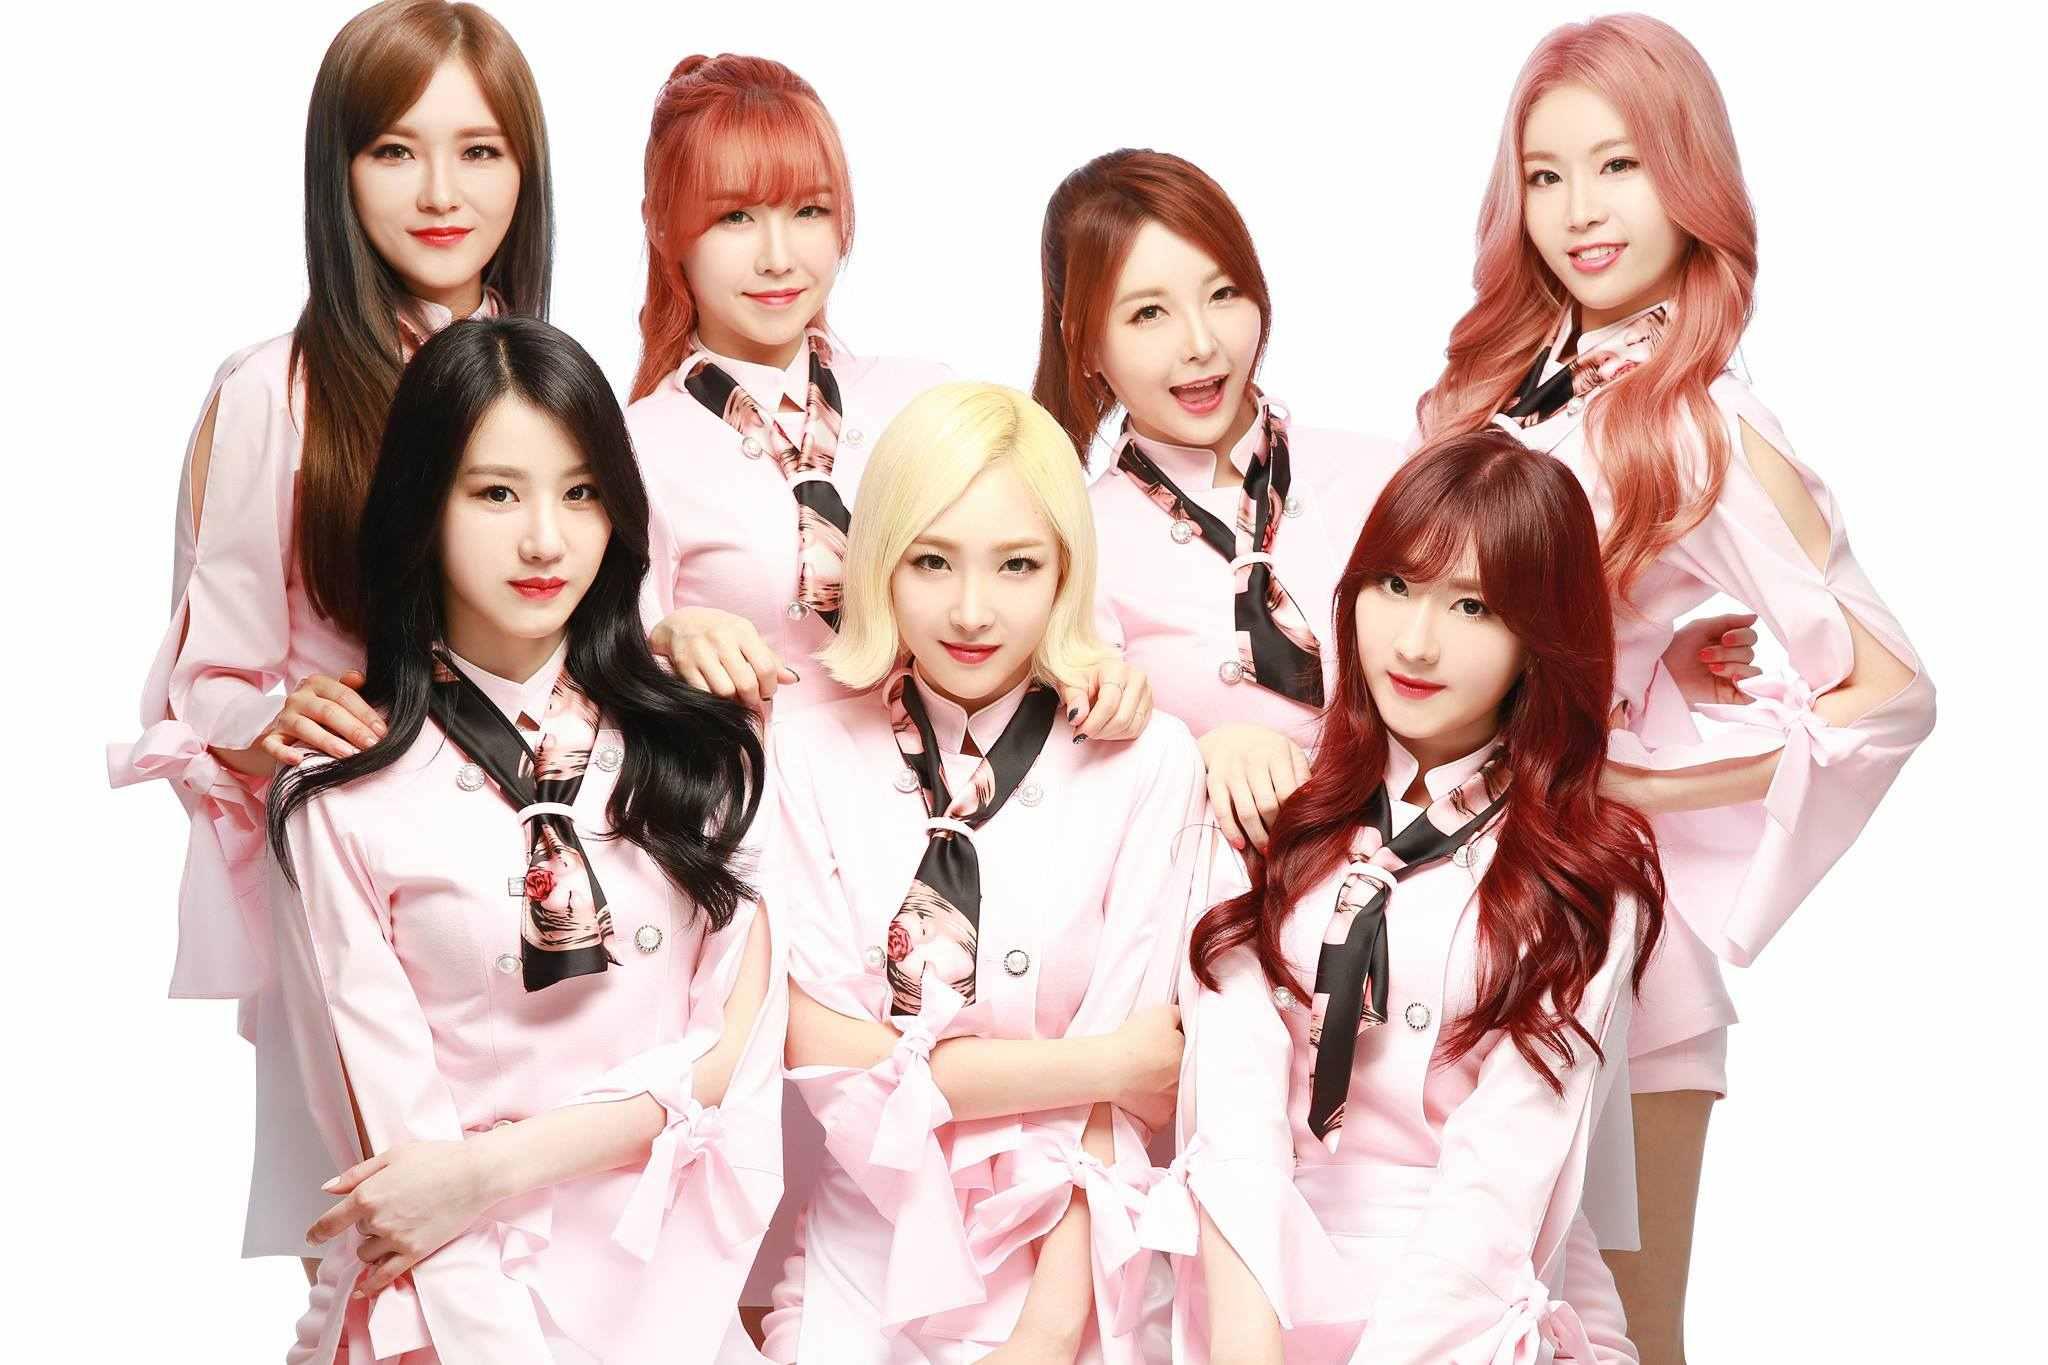 珉雅的親姊姊是女團WANNA.B的成員之一(上排左二),在今年六月以藝名Lina(린아)加入WANNA.B並正式出道。